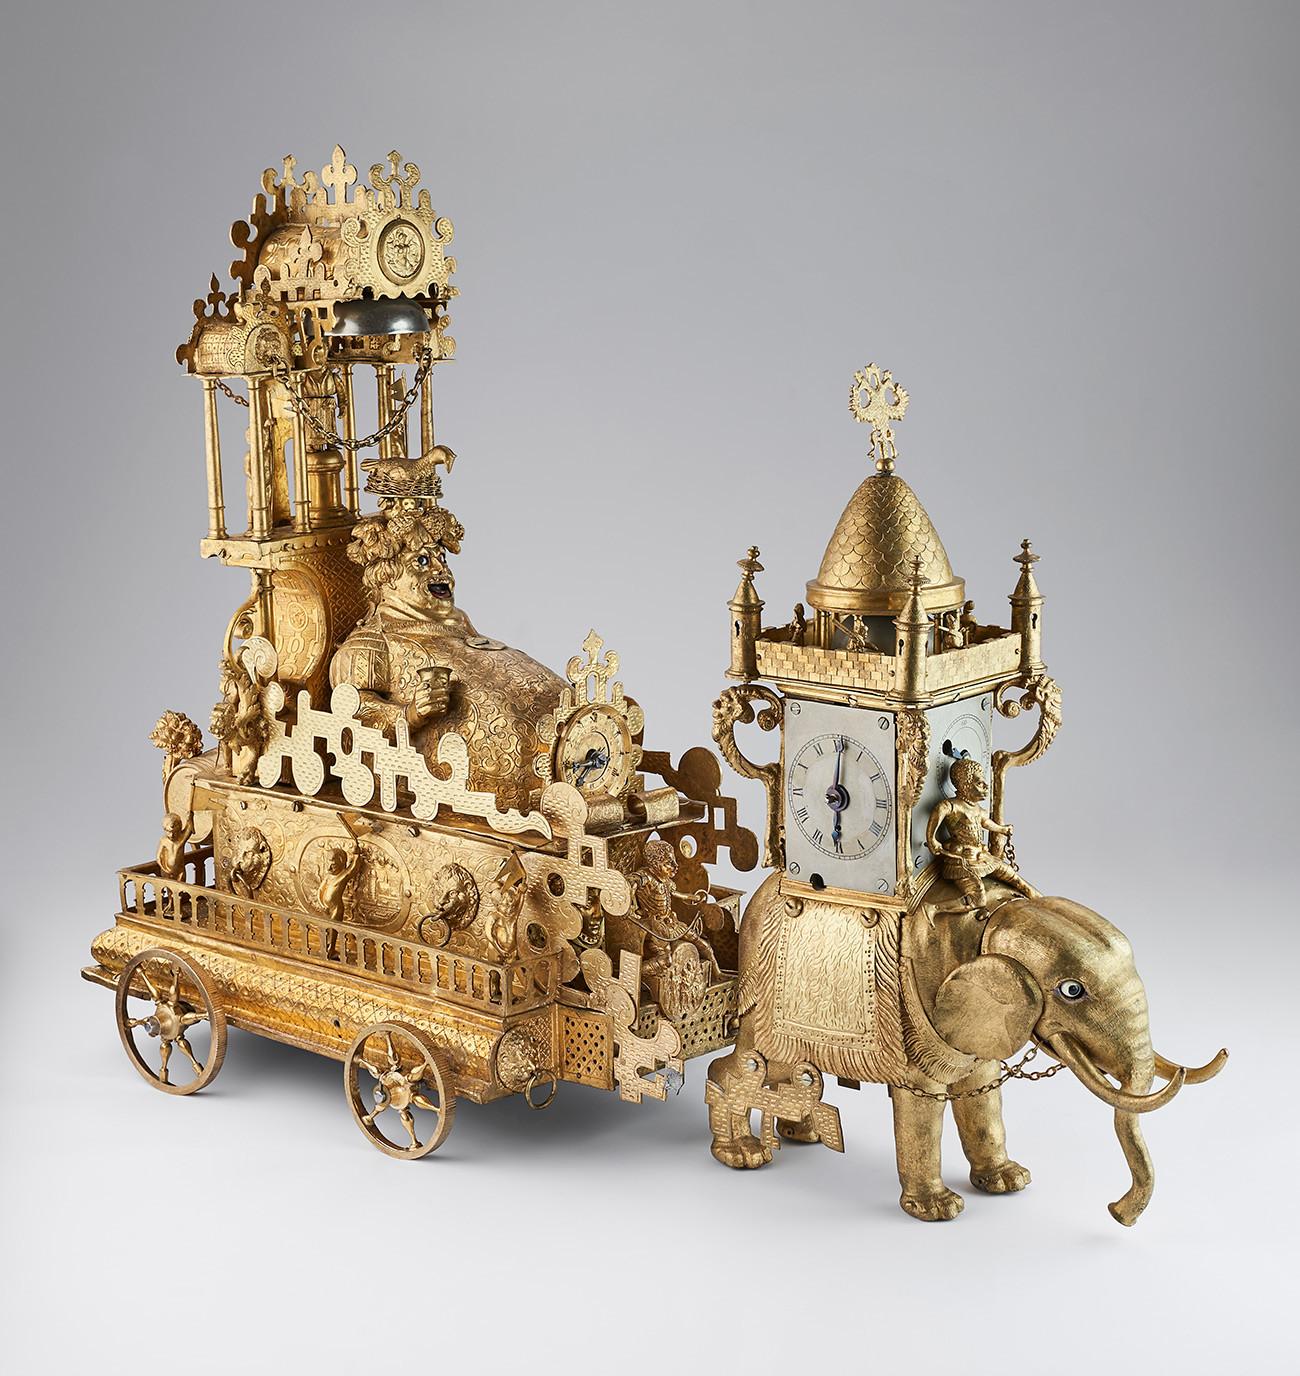 """ЧАСОВНИК """"БАХУС"""", Аугзбург, крај 16. века  Бронза; ливење, искуцавање, гравирање, позлата"""